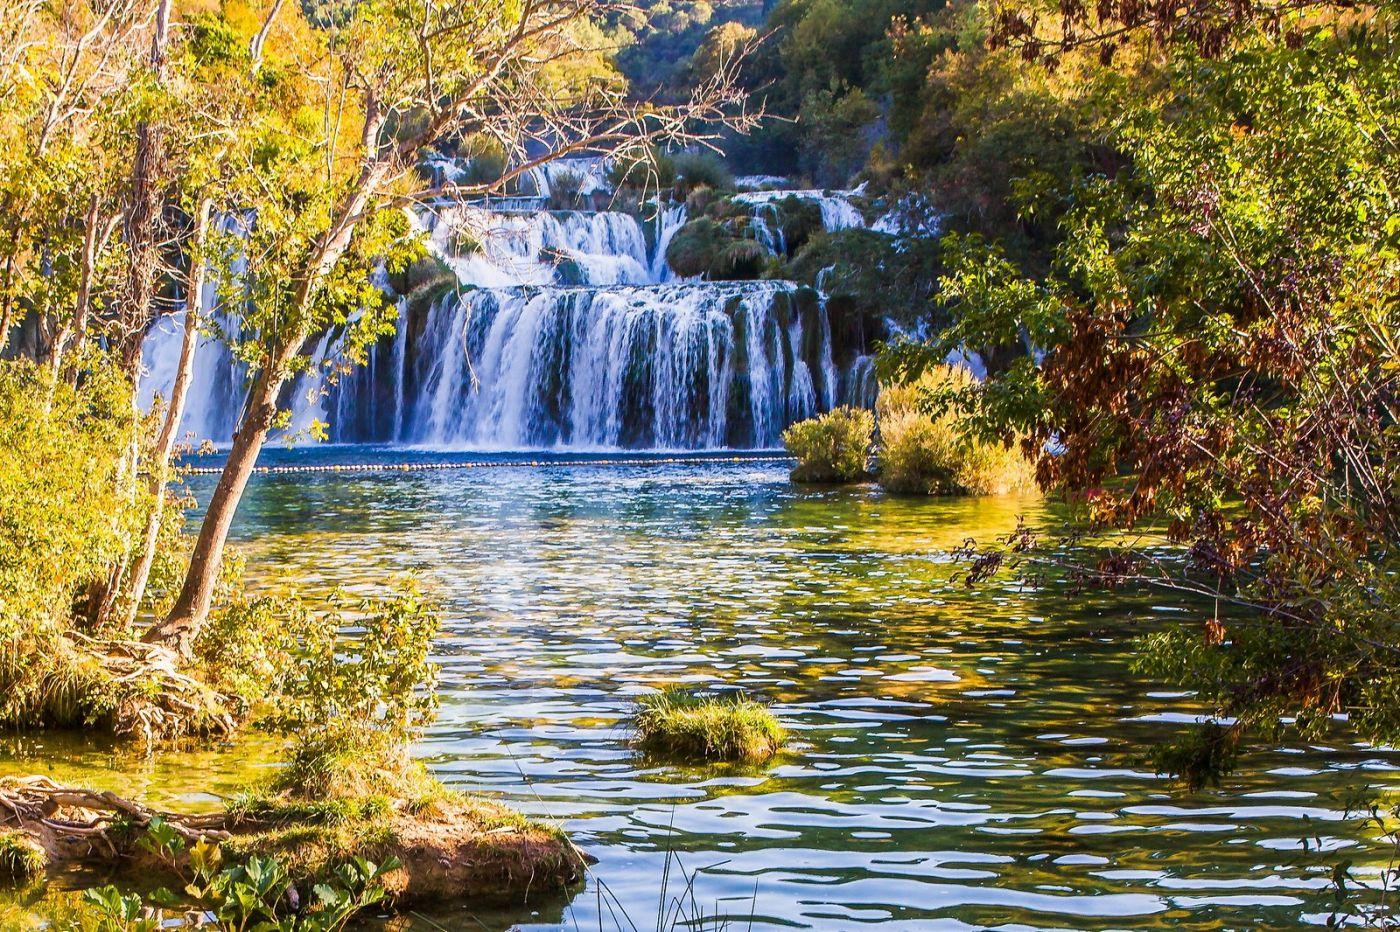 克罗地亚克尔卡国家公园(Krka National Park),瀑布瀑布瀑布_图1-12